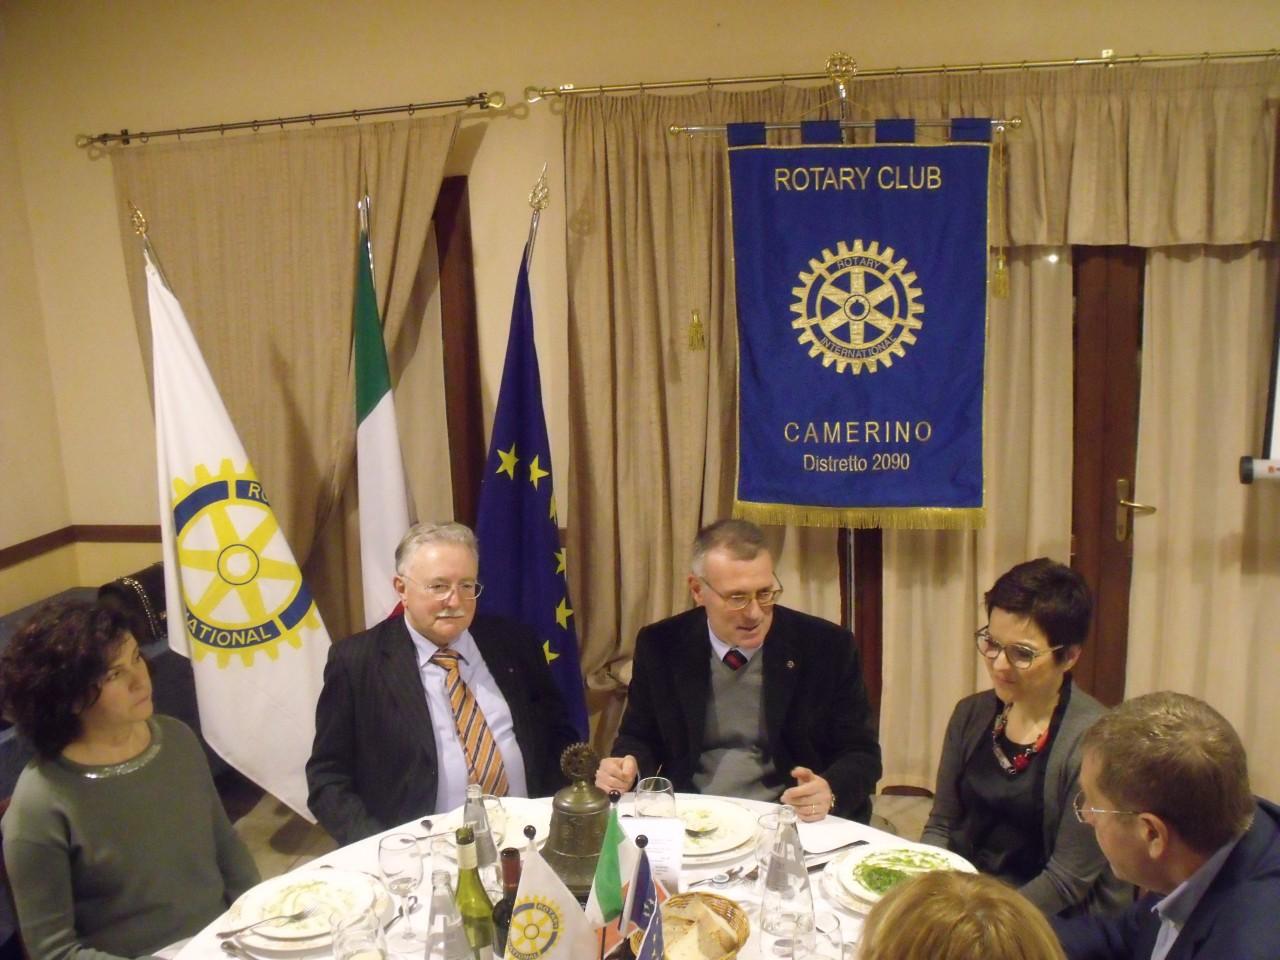 Rotary per gli anziani donata un asciugatrice cronache - Pierdominici casa ...